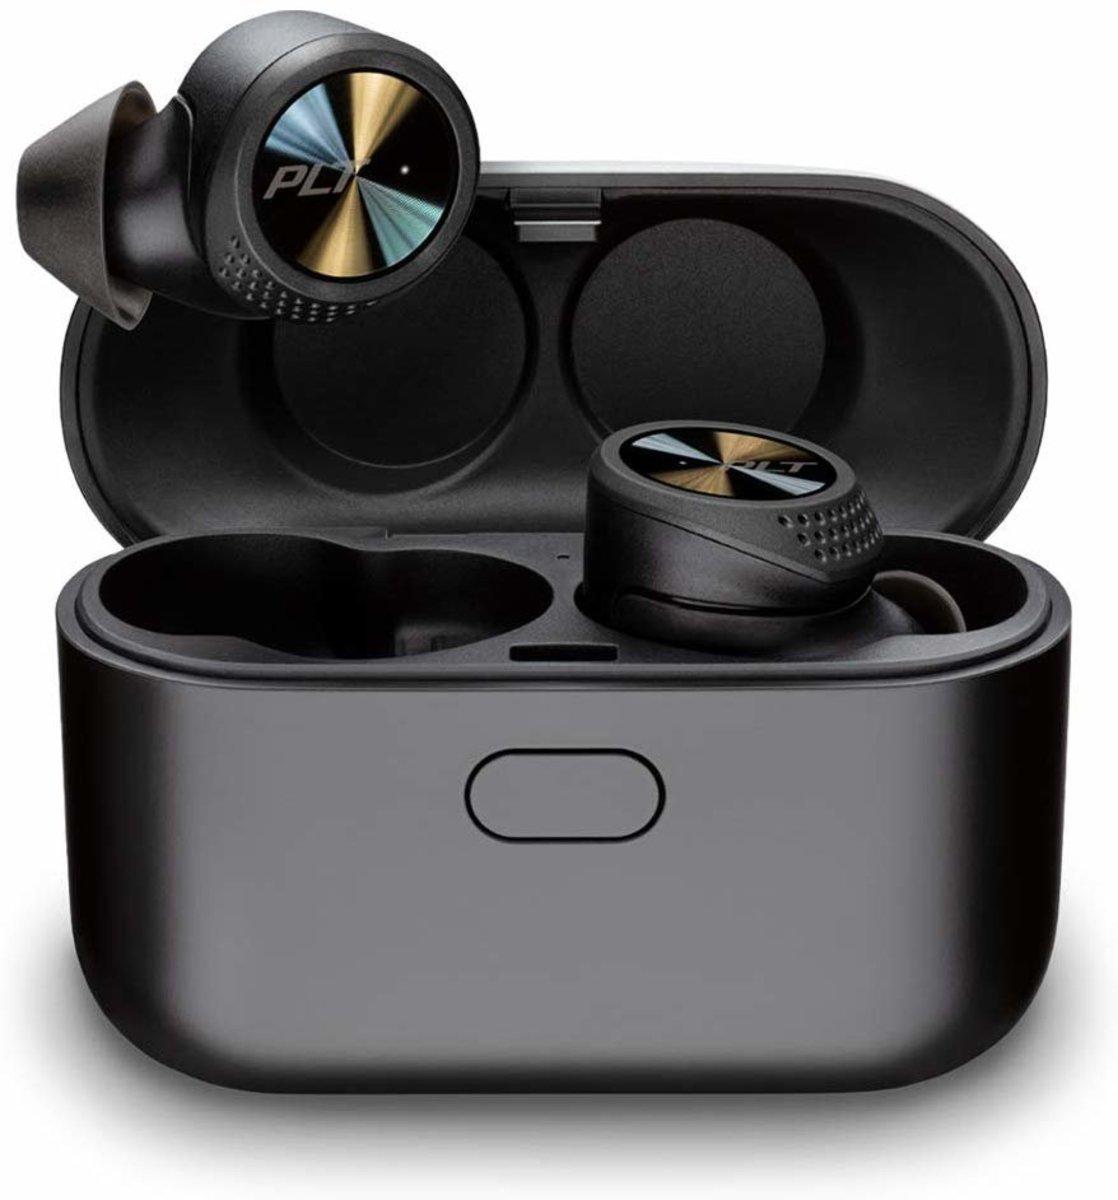 HK保修 Backbeat Pro 5100 4X 防風降噪 真無線藍牙耳機